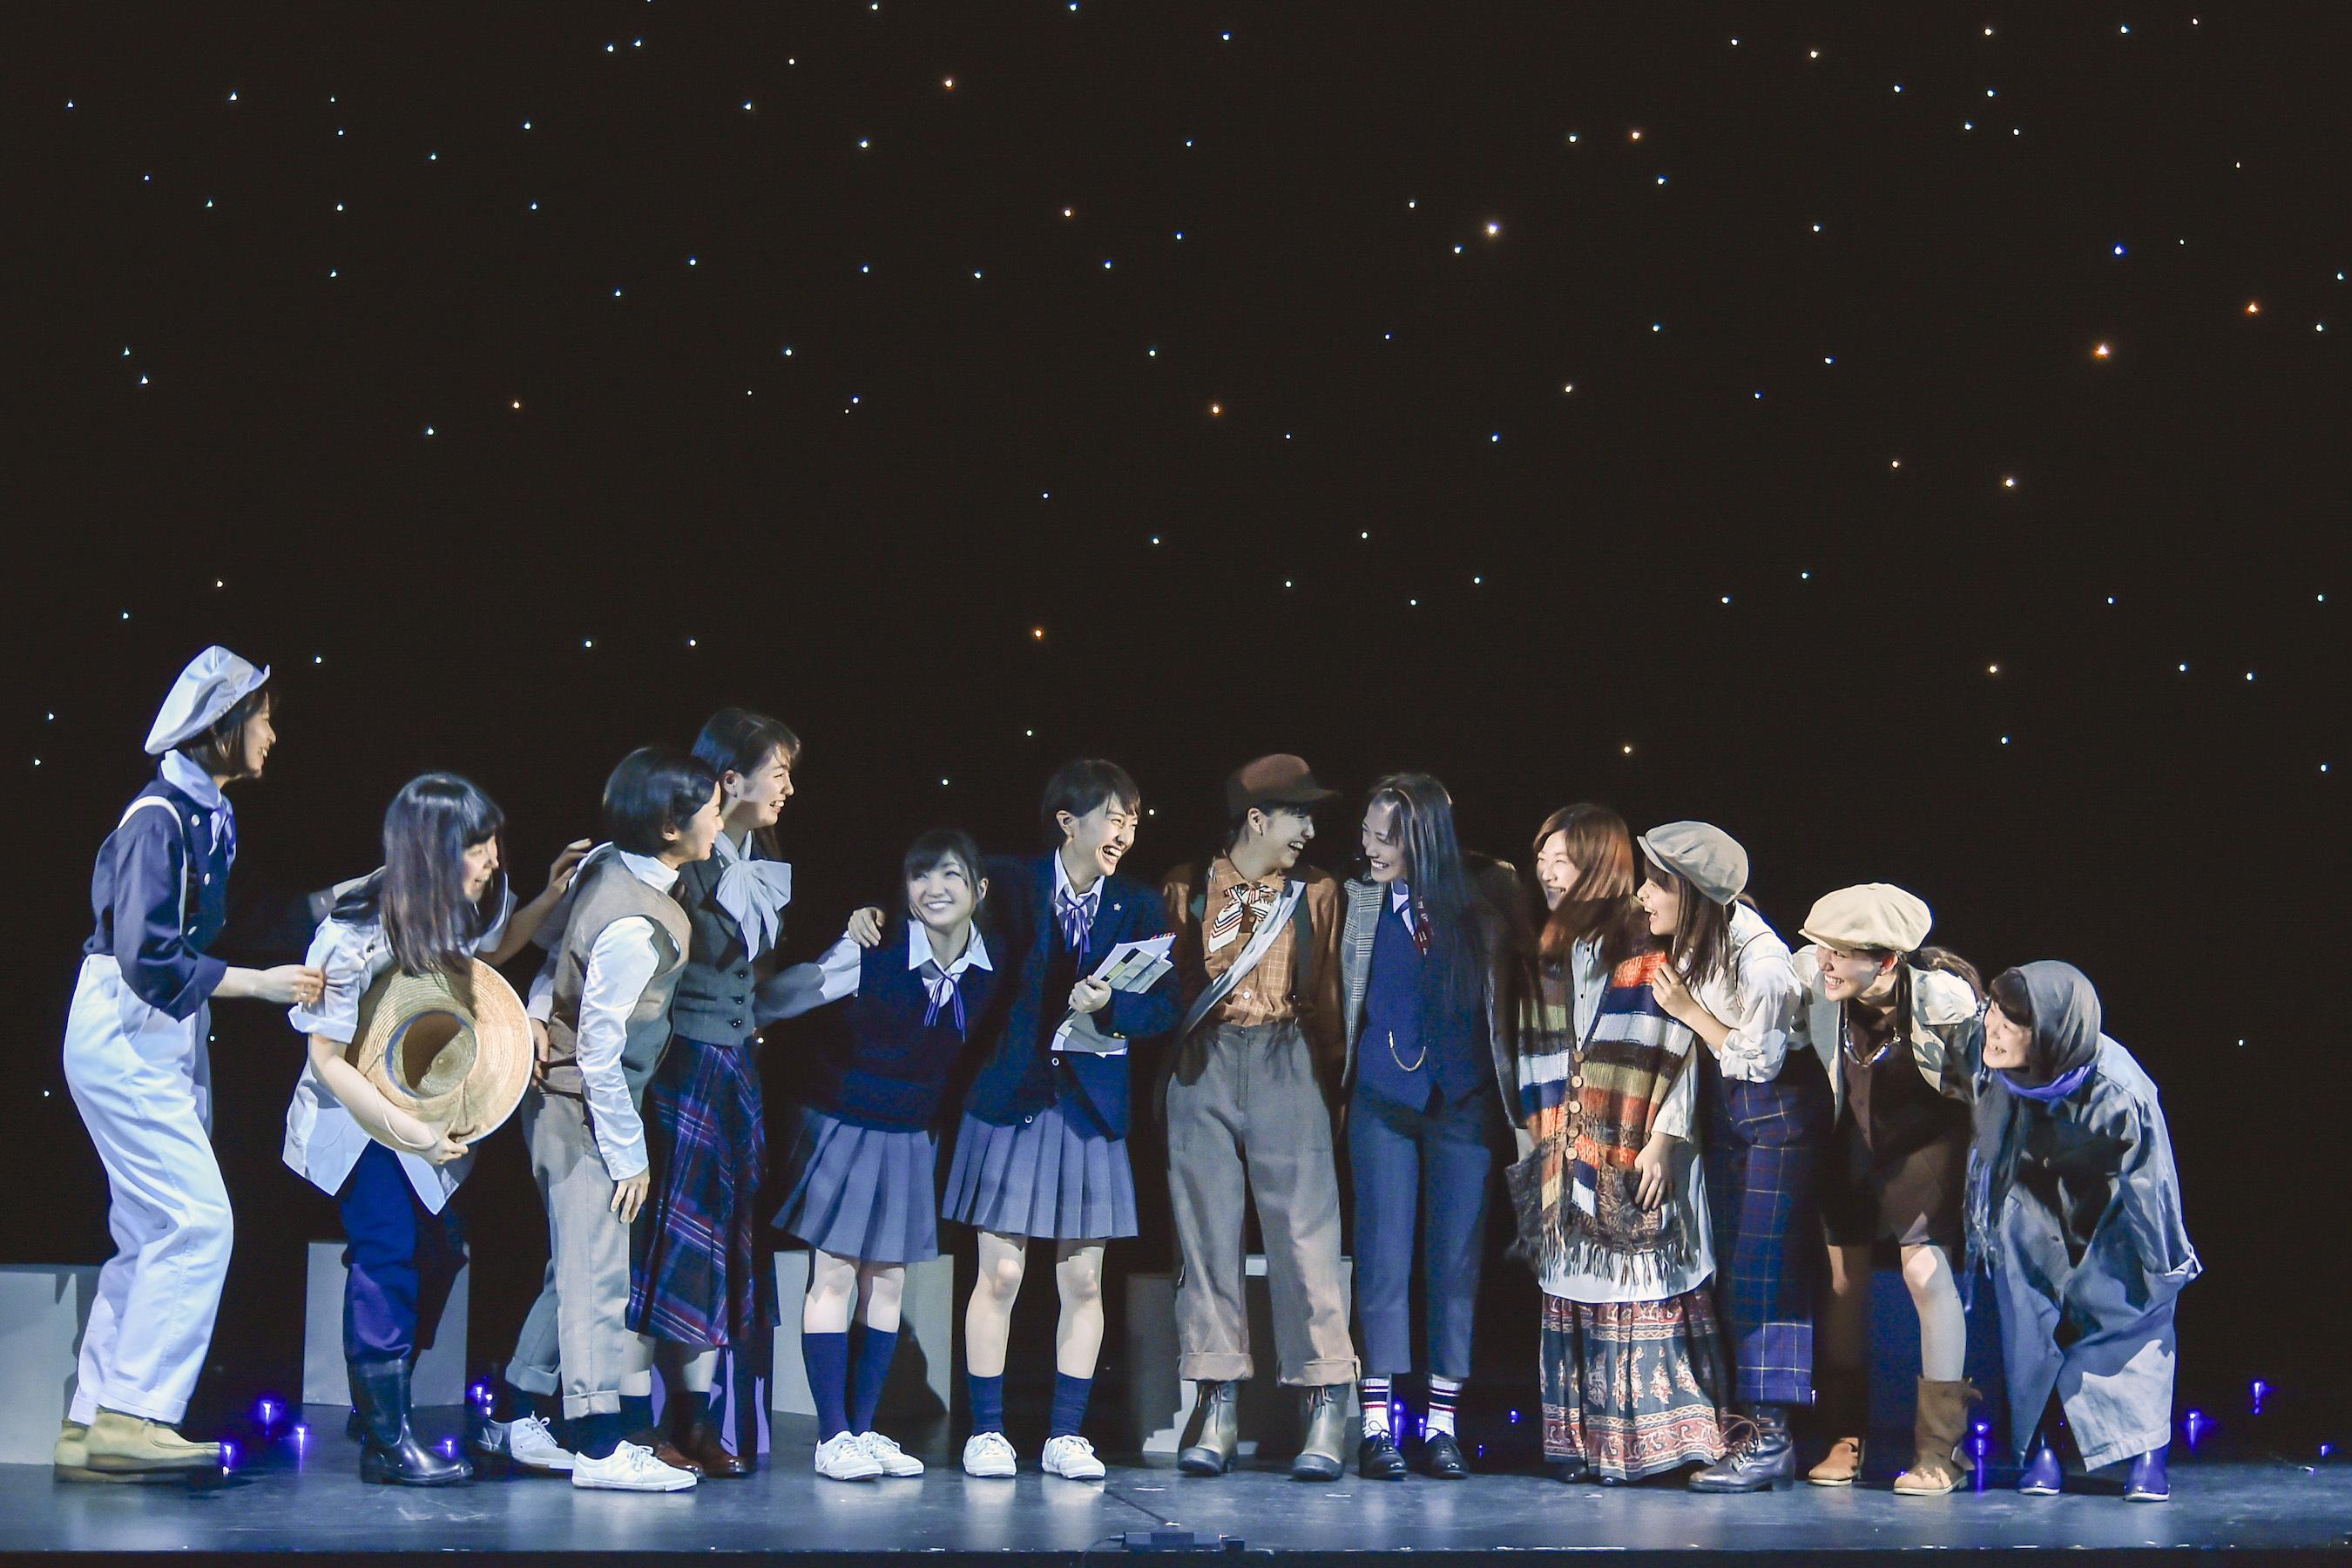 2015年舞台「幕が上がる」  写真提供:株式会社パルコ 撮影:阿部章仁